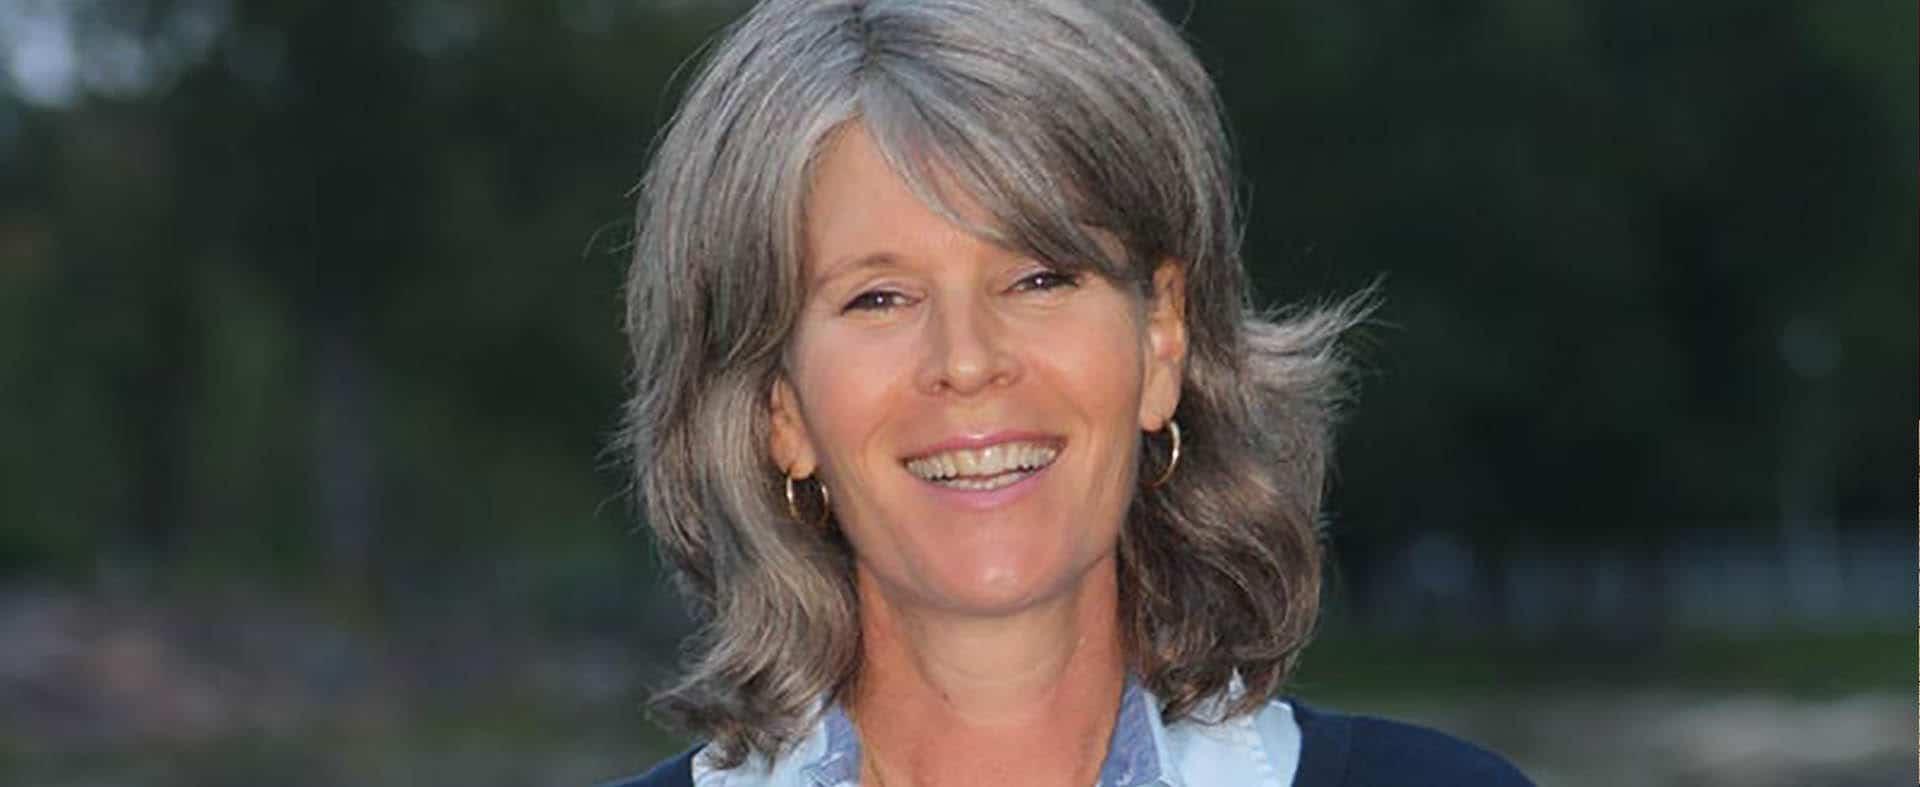 Liz Geran, Acupuncturist and Herbalist